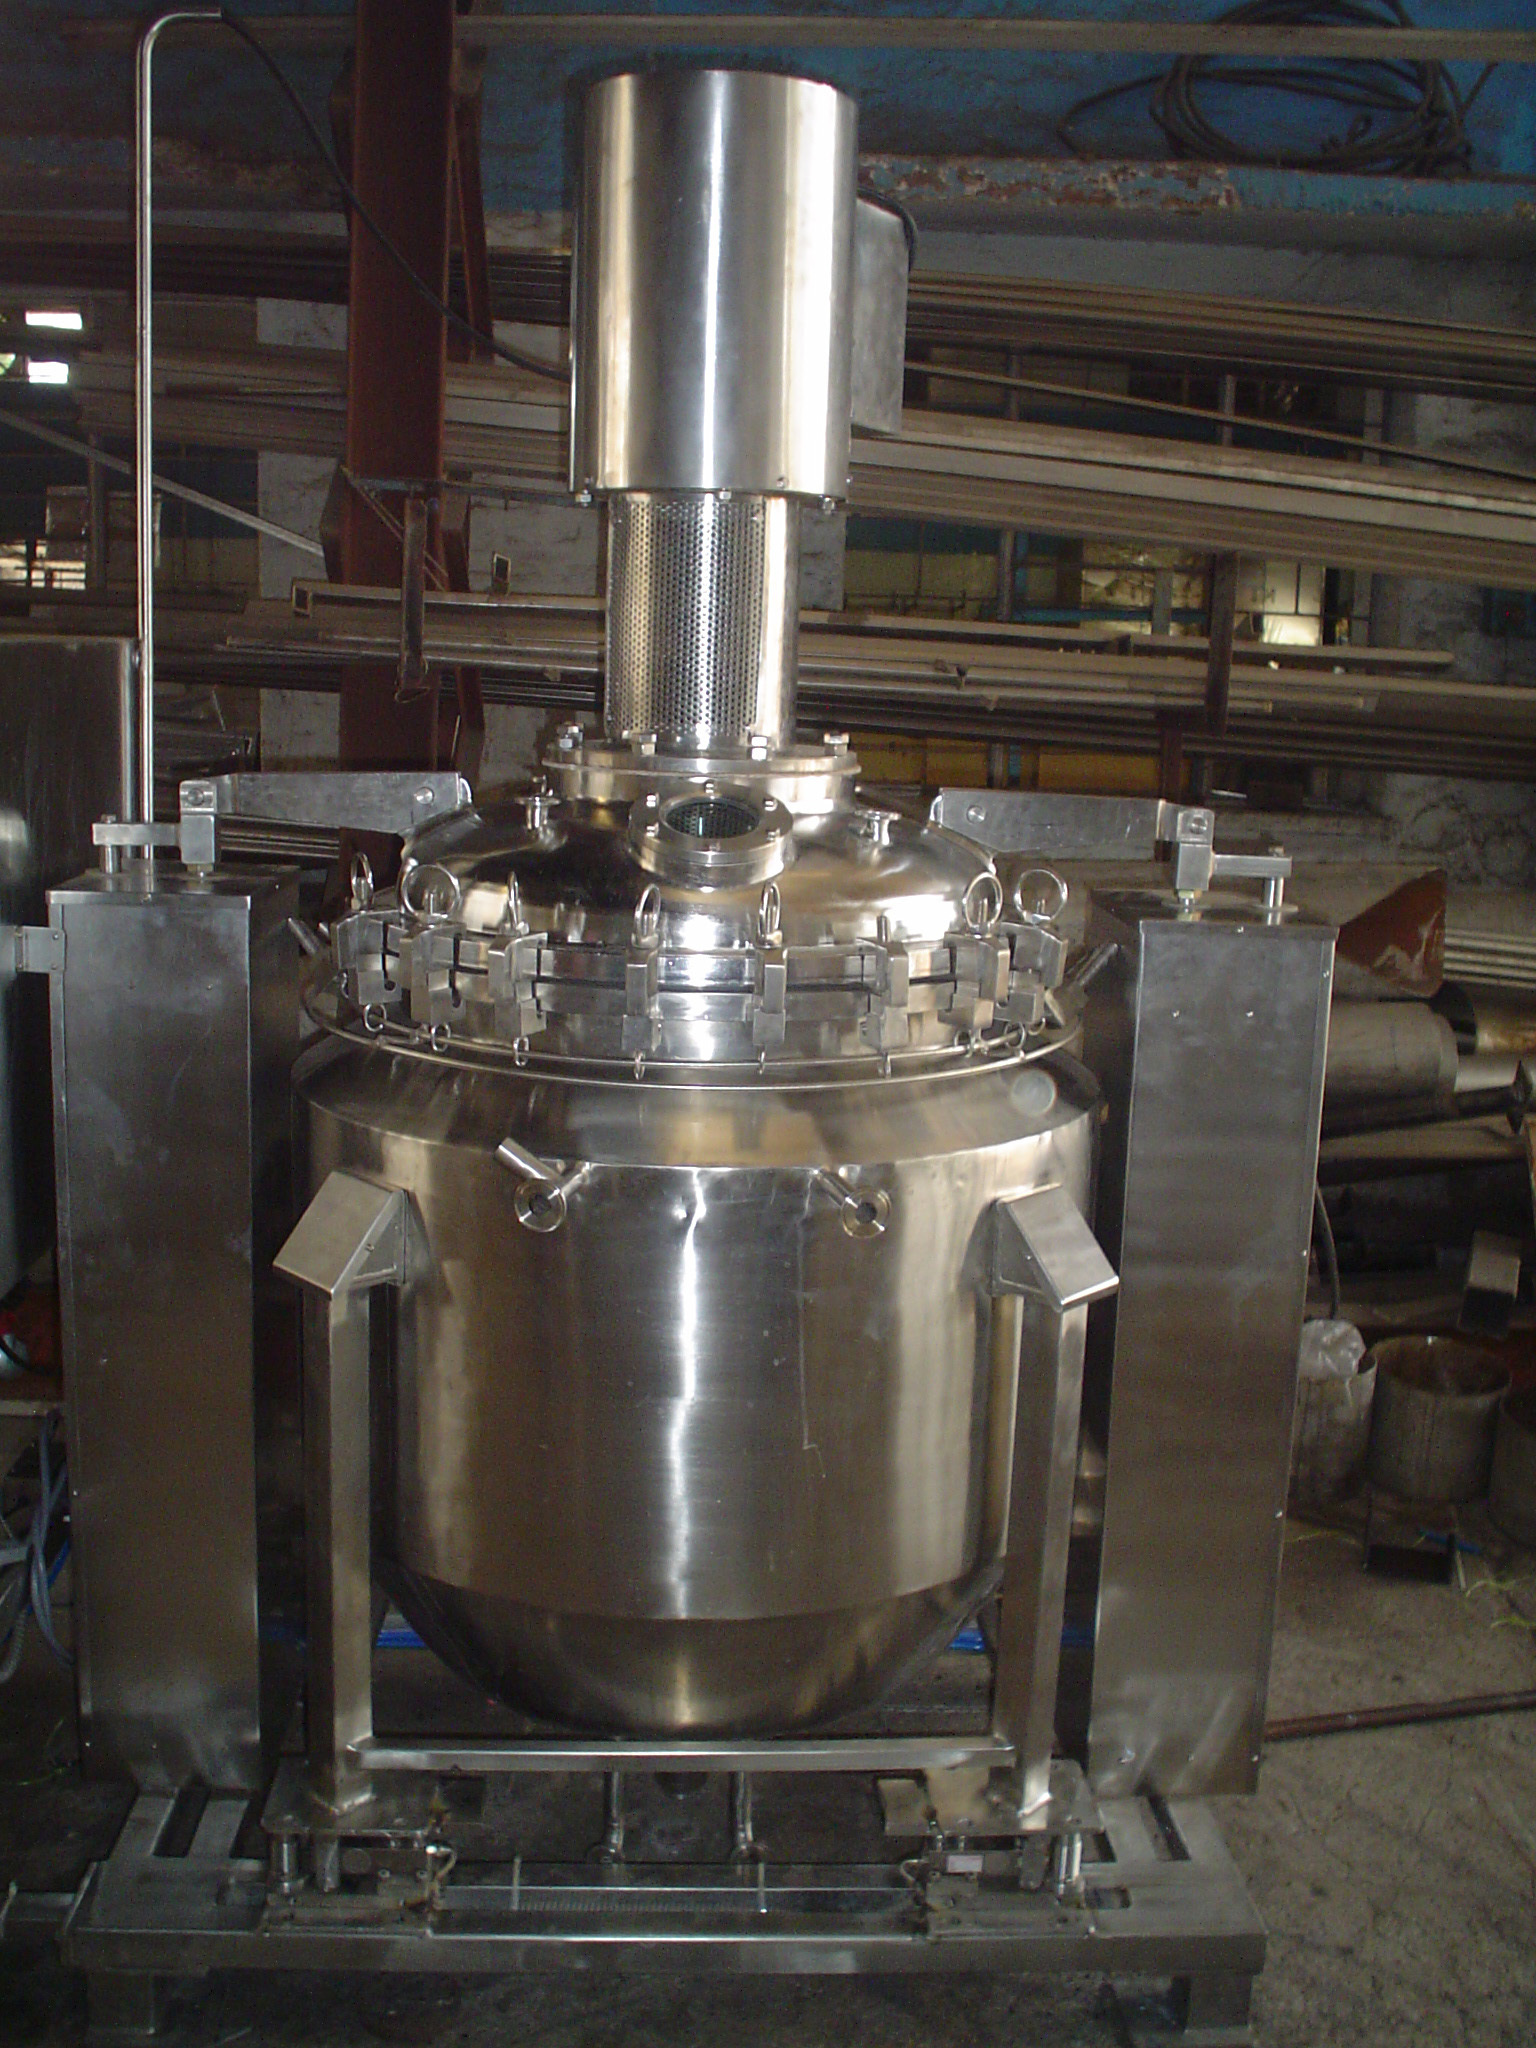 Stainless Steel Pressure Vessels